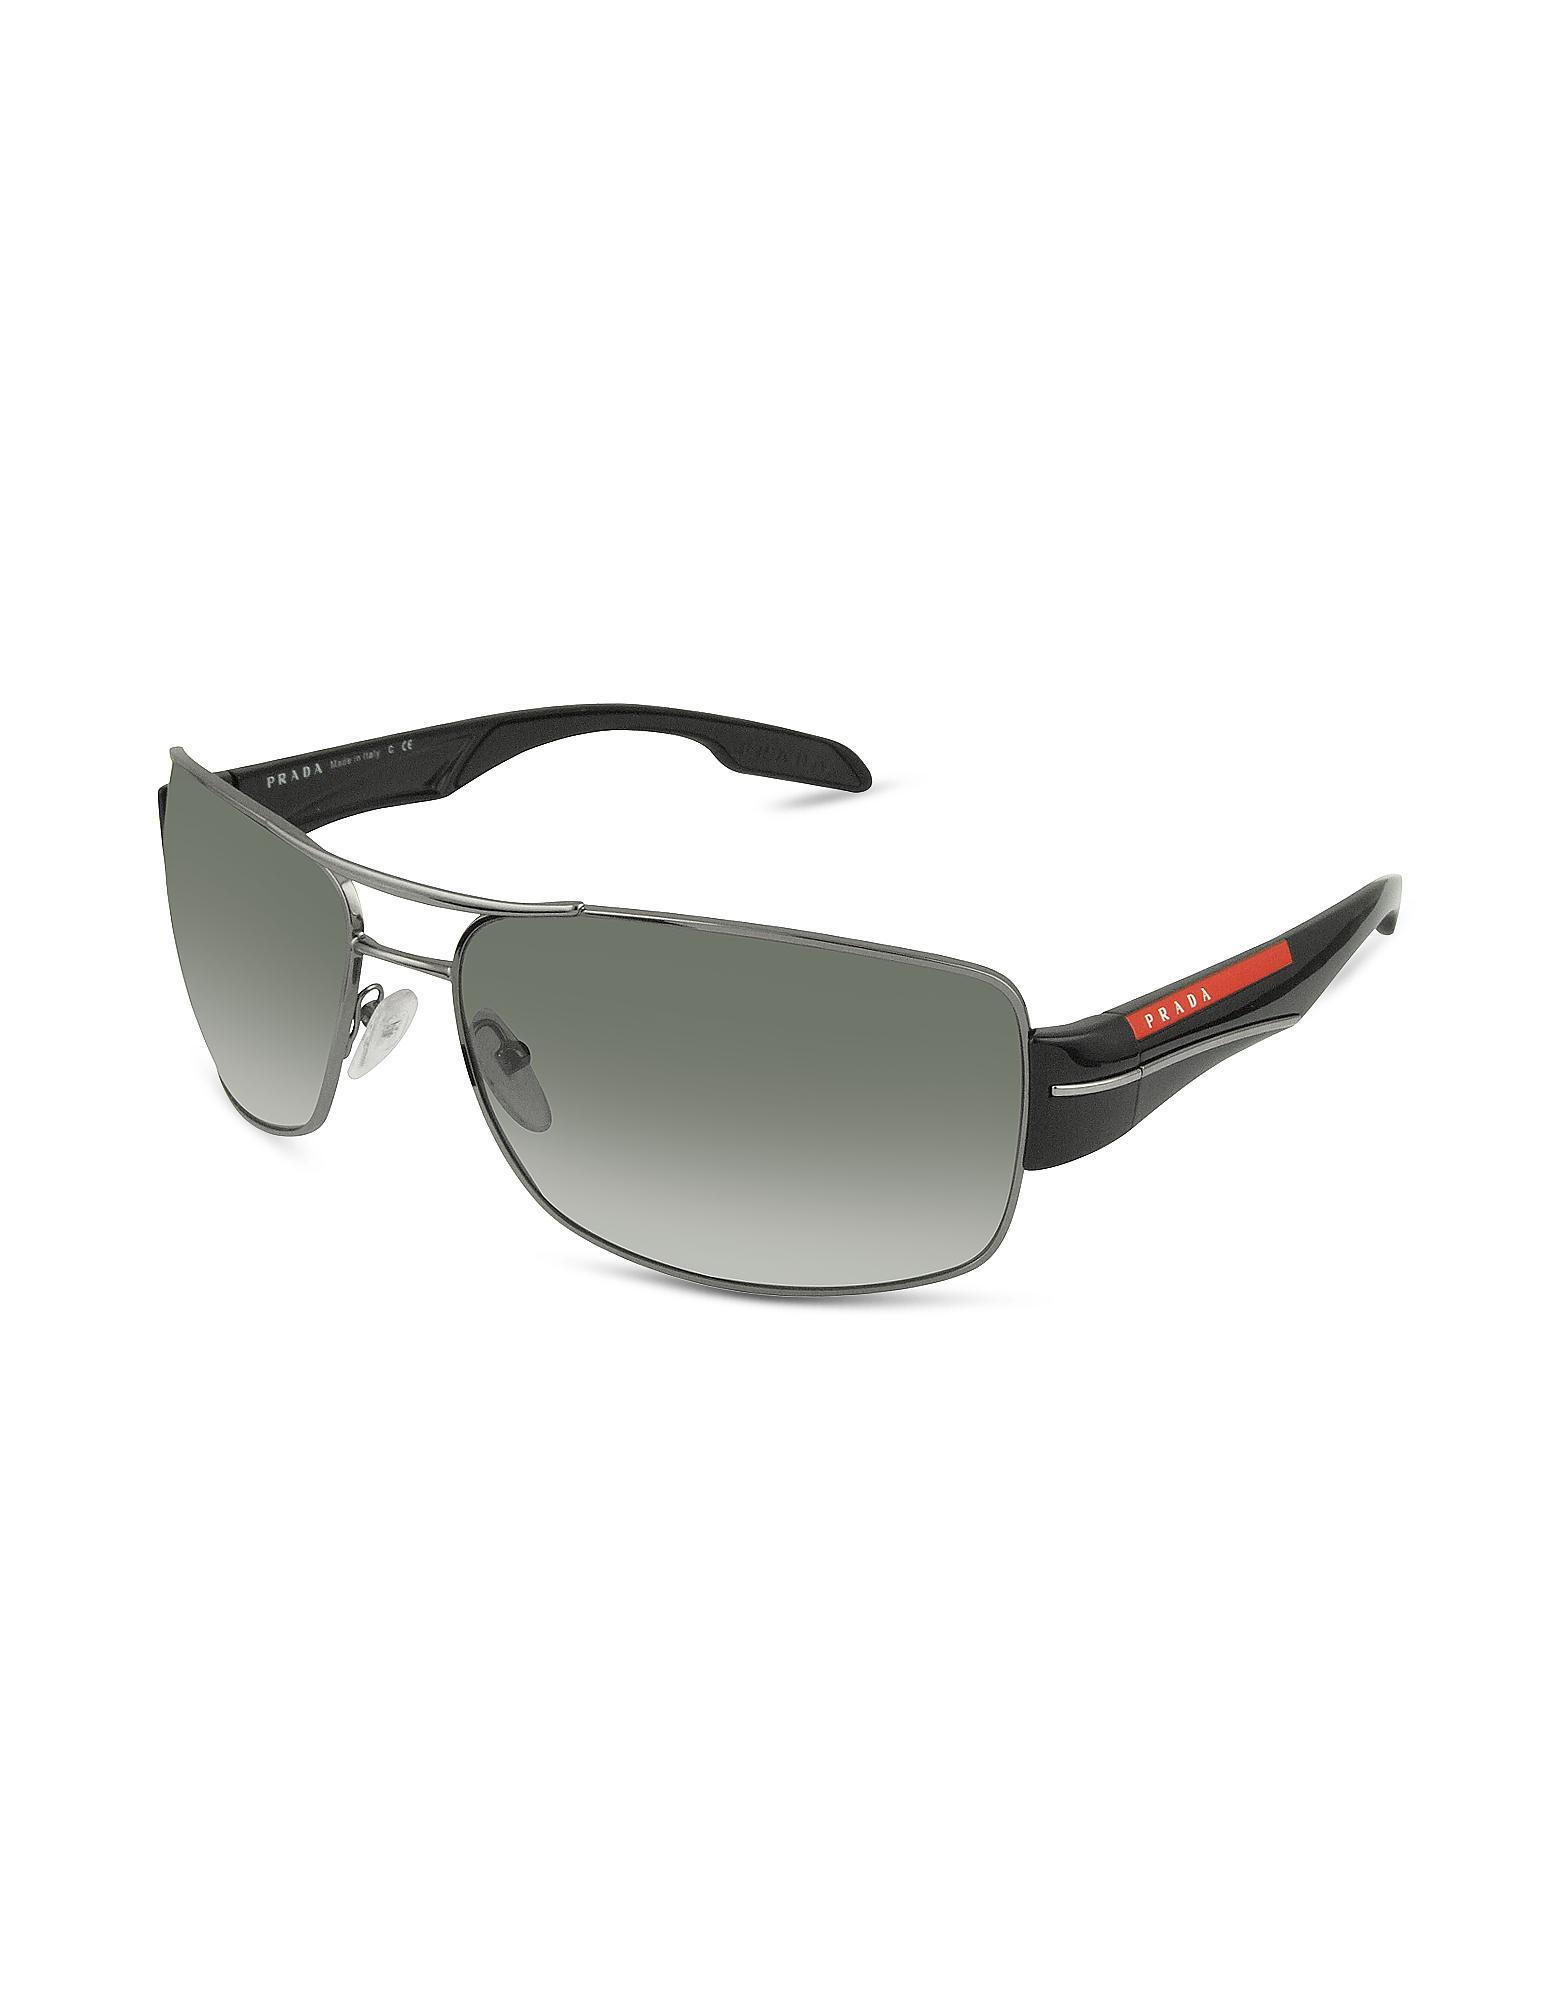 76ed324ef94e Lyst - Prada Rectangle Metal Frame Sunglasses in Gray for Men